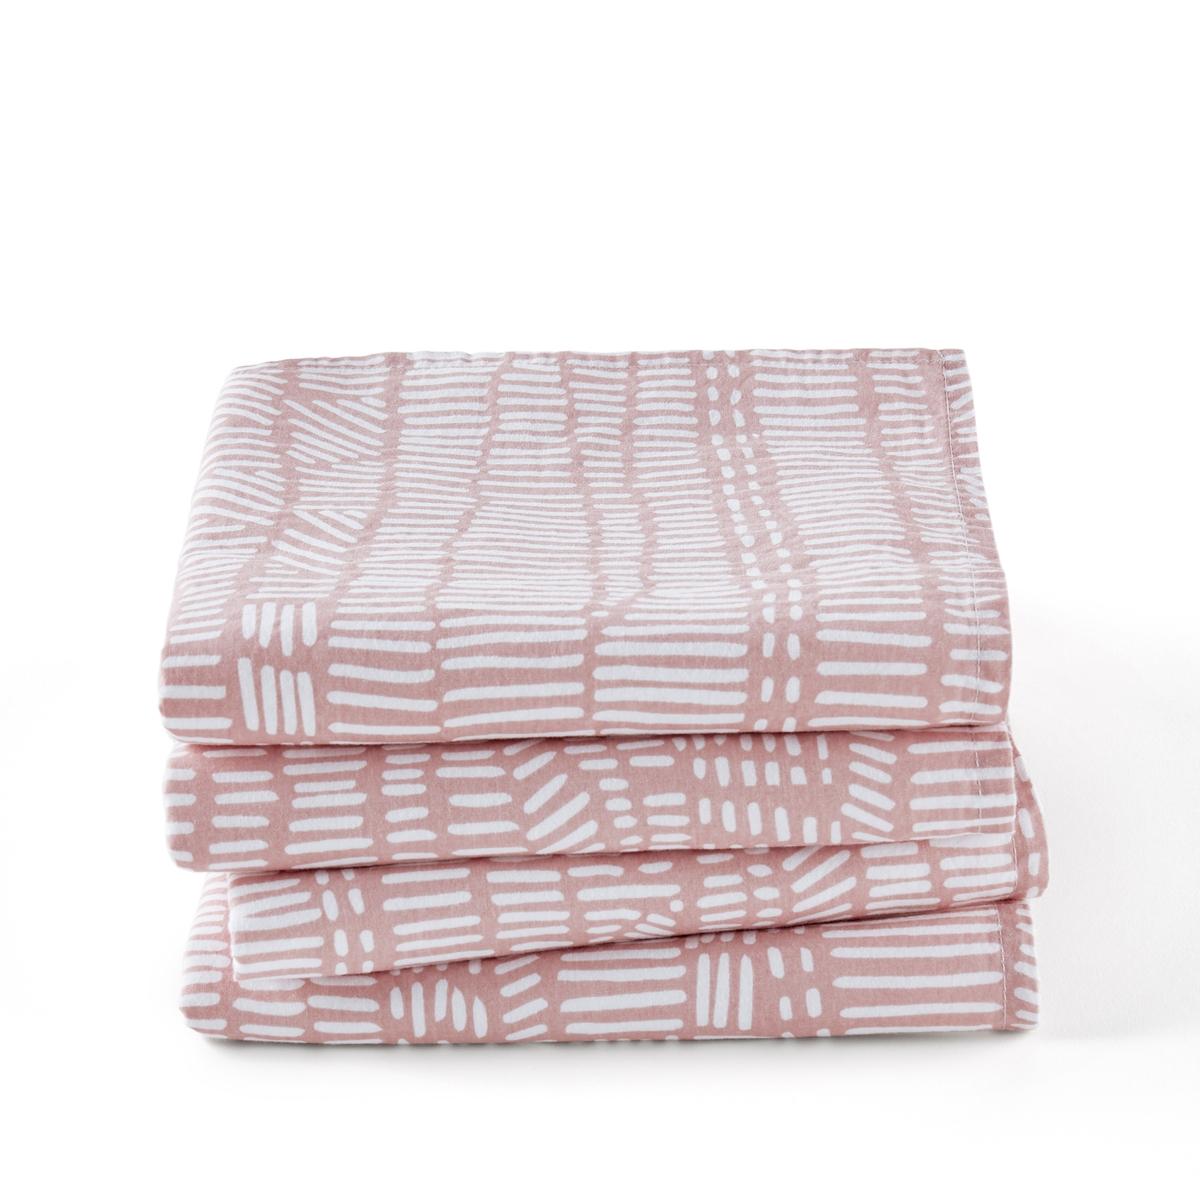 Комплект из салфеток из La Redoute Стираного хлопка Tamao 45 x 45 см розовый комплект из салфеток из la redoute льна и хлопка border 45 x 45 см бежевый